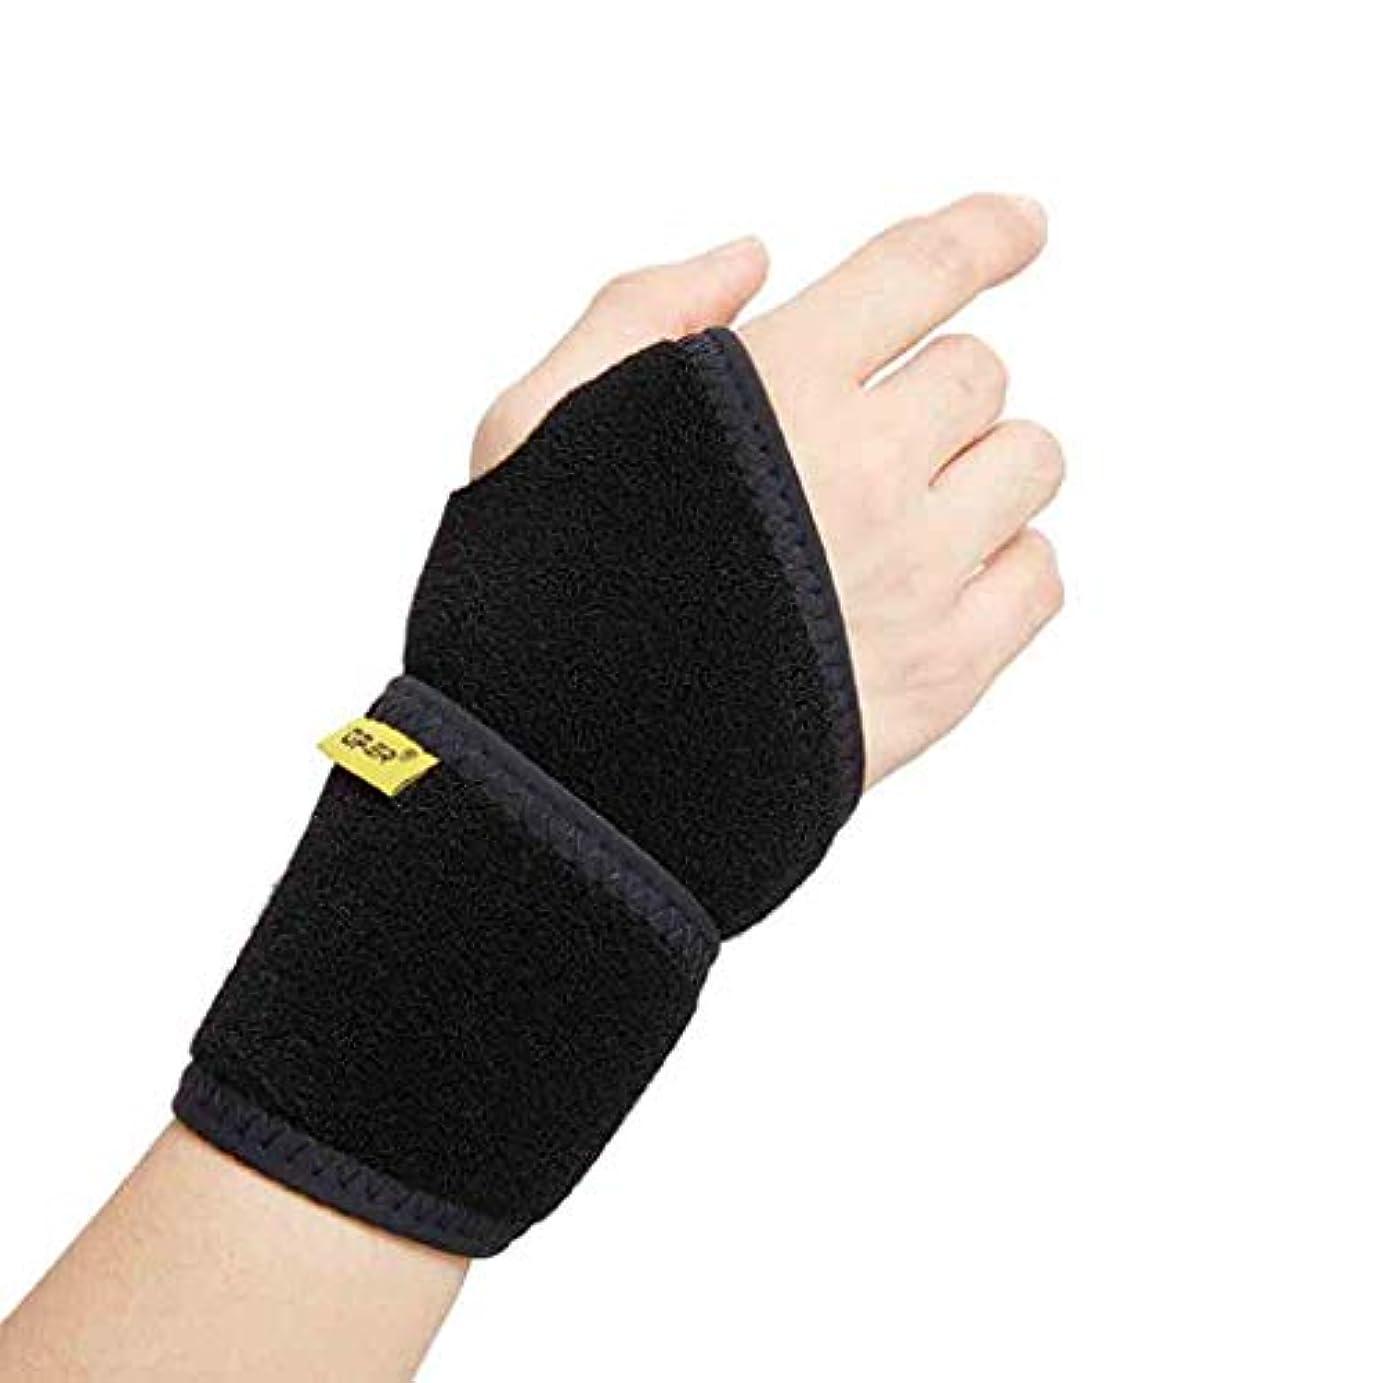 定規忌み嫌う理論関節炎のためのThumbのスプリントは右手の手首サポート左手手根サポートを手根管トンネルの痛みを軽減するための男性と女性をトリガー Roscloud@